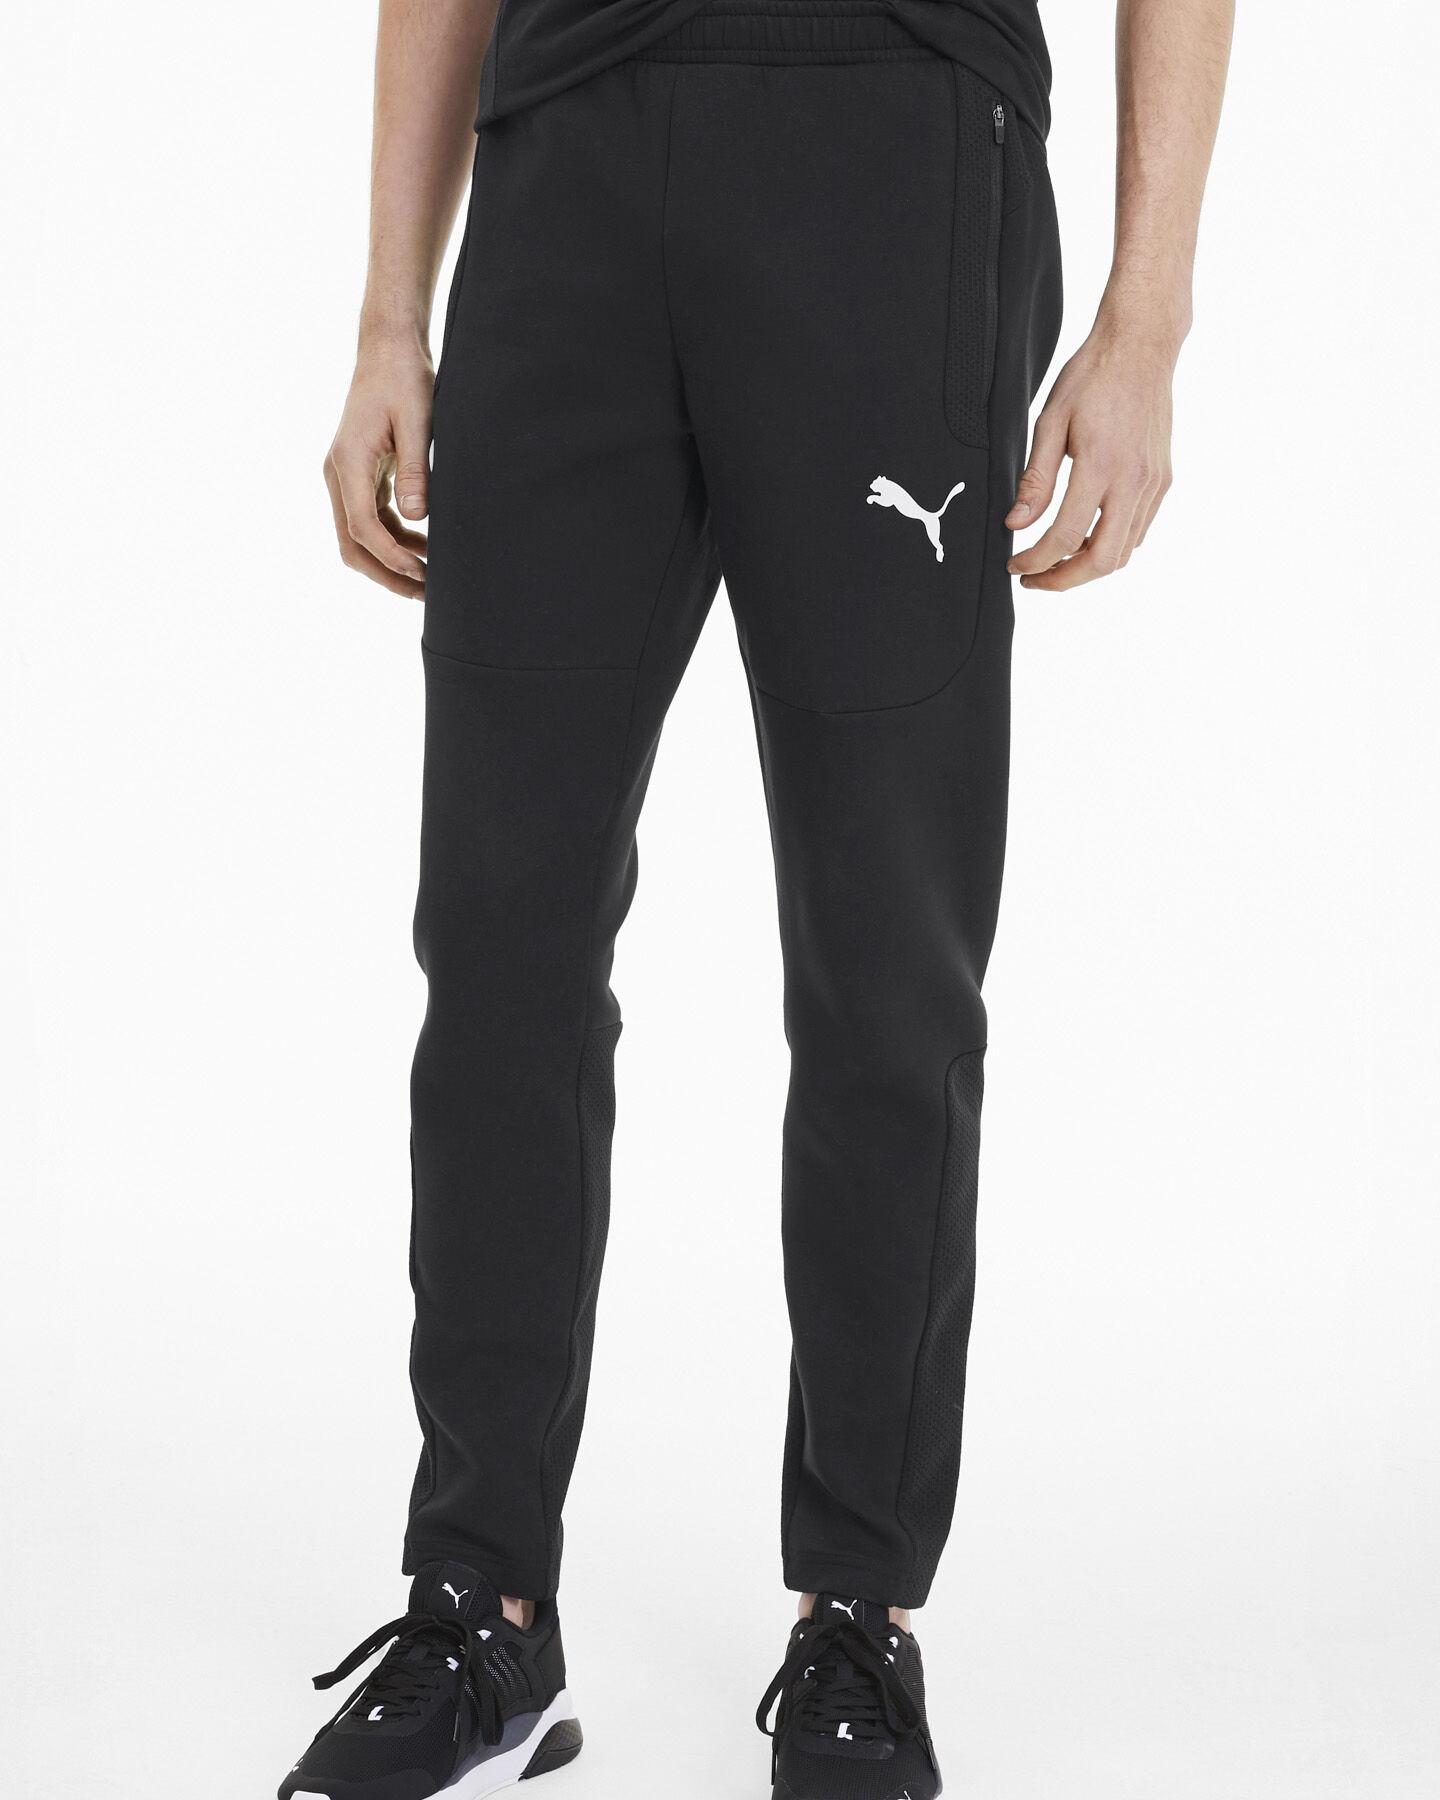 Pantalone PUMA EVOSTRIPE M S5172799 scatto 2